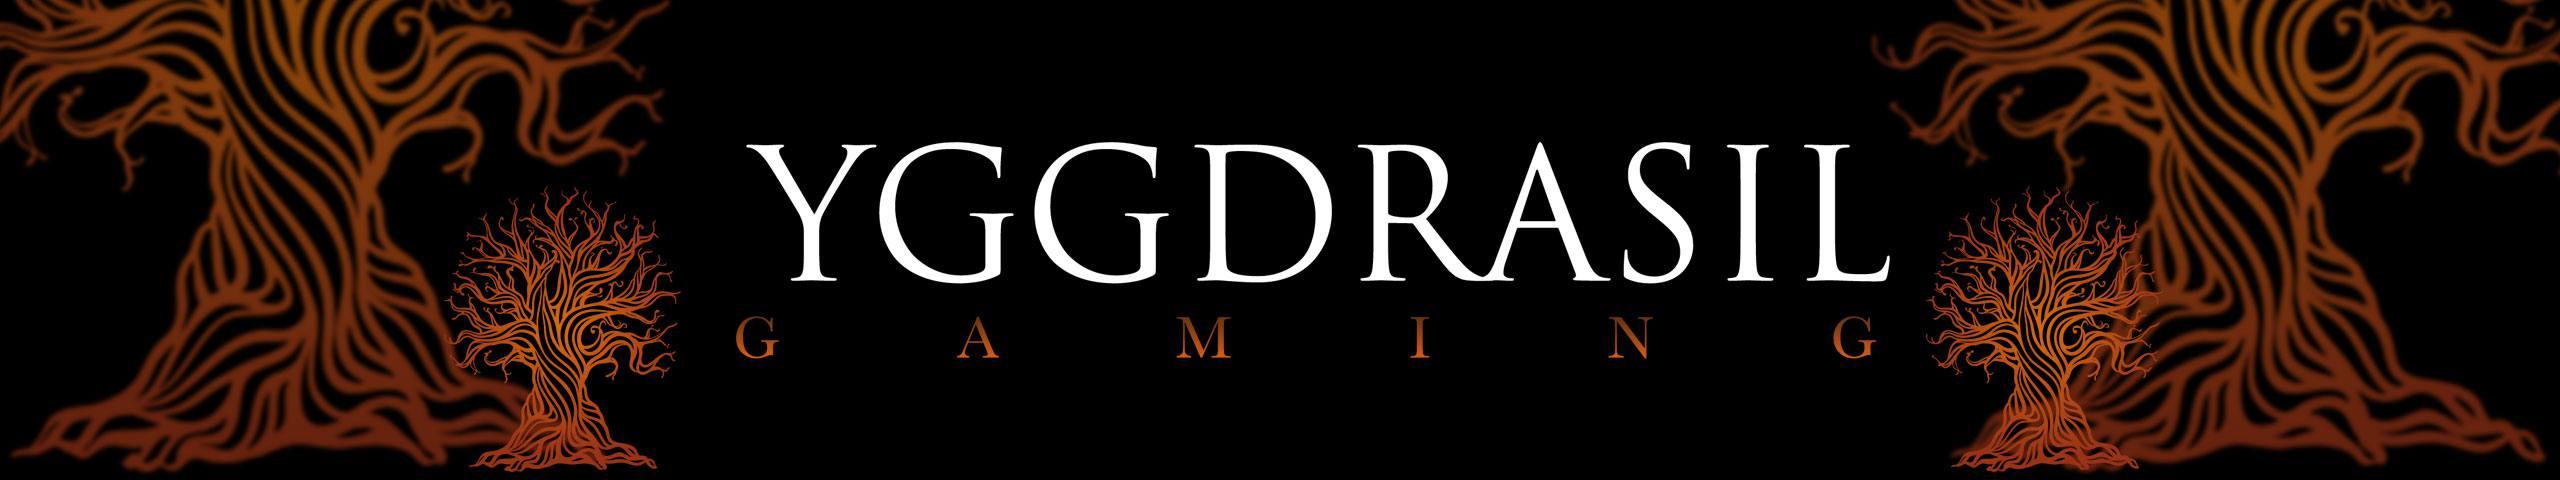 Läs mer om Yggdrasil Gaming slider - wyrmspel.com